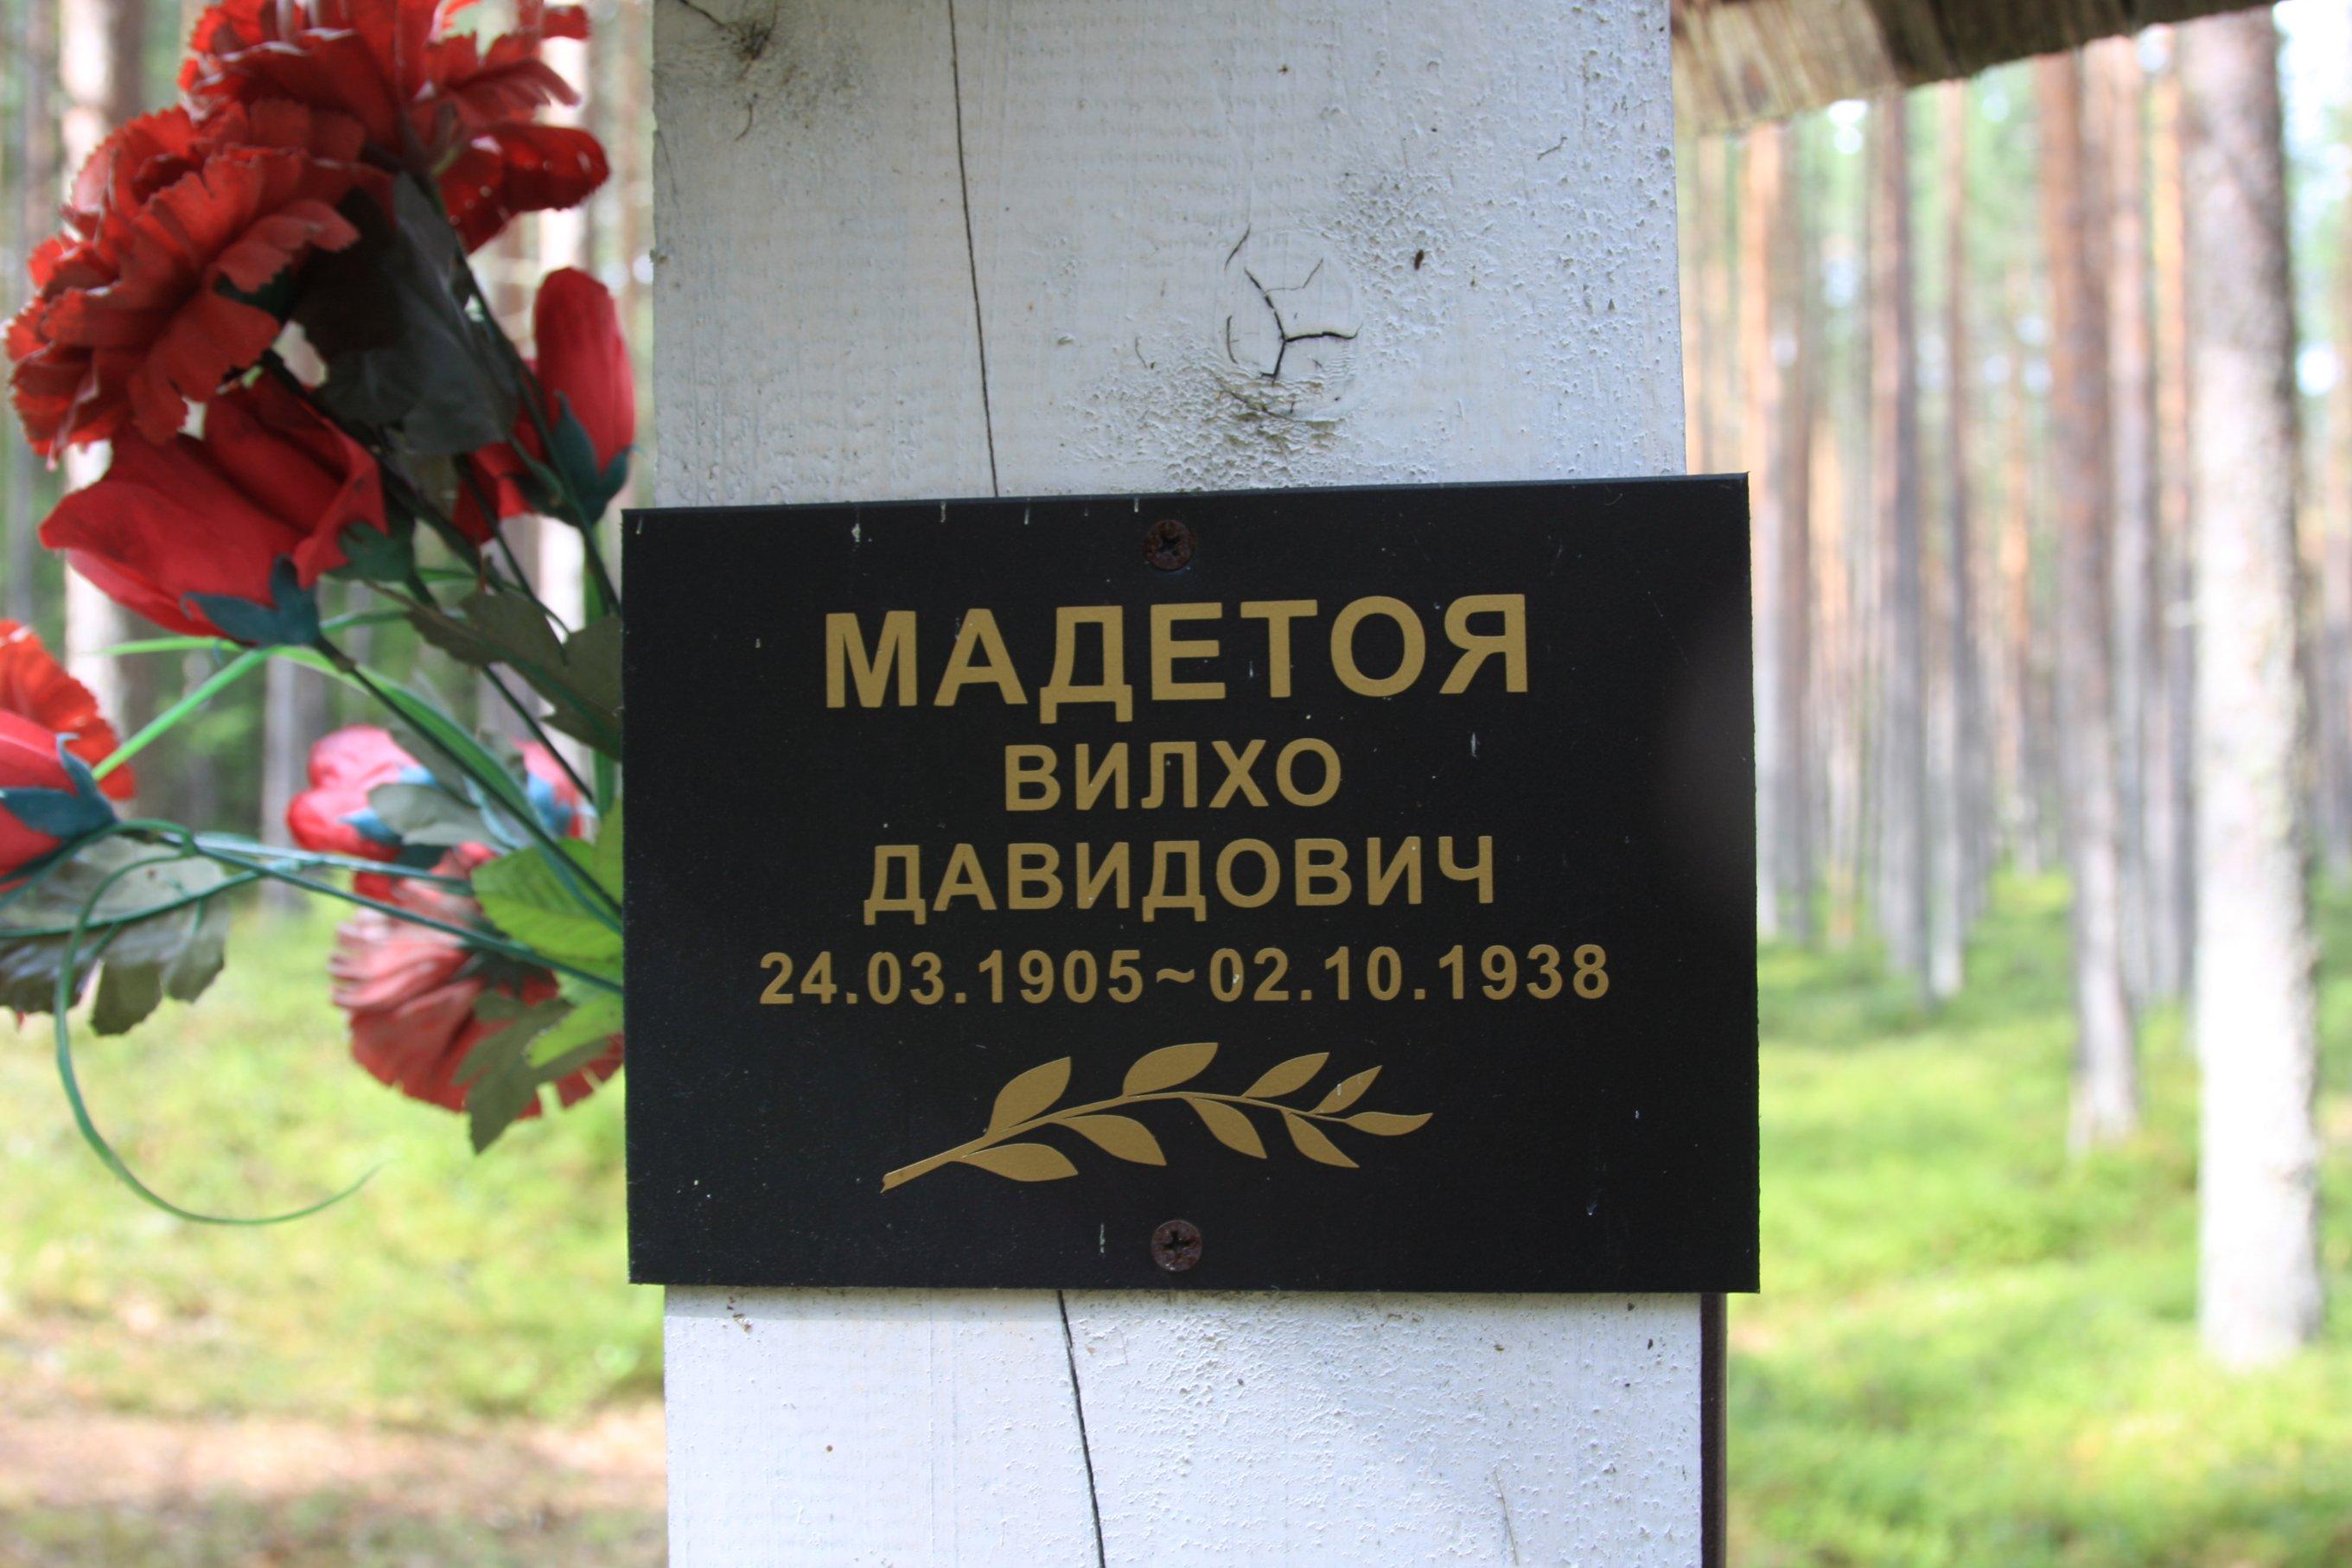 Памятная табличка «Мадетоя Вилхо Давидович». Фото 04.08.2018.